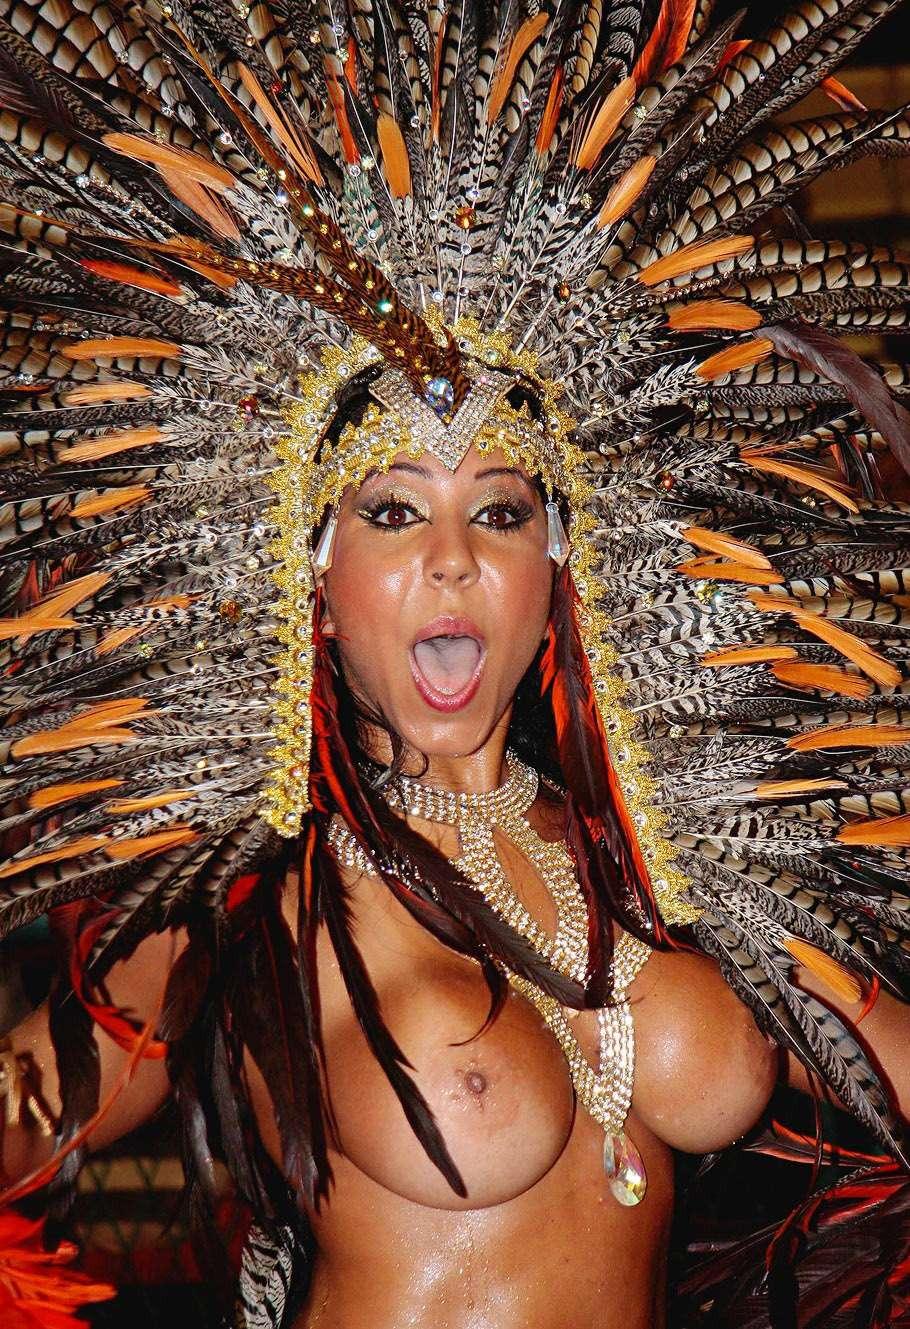 【エロ画像】世界最大の「露出祭り」サンバカーニバルとかいう祭りの様子wwwwwwwwwwwwwww・30枚目